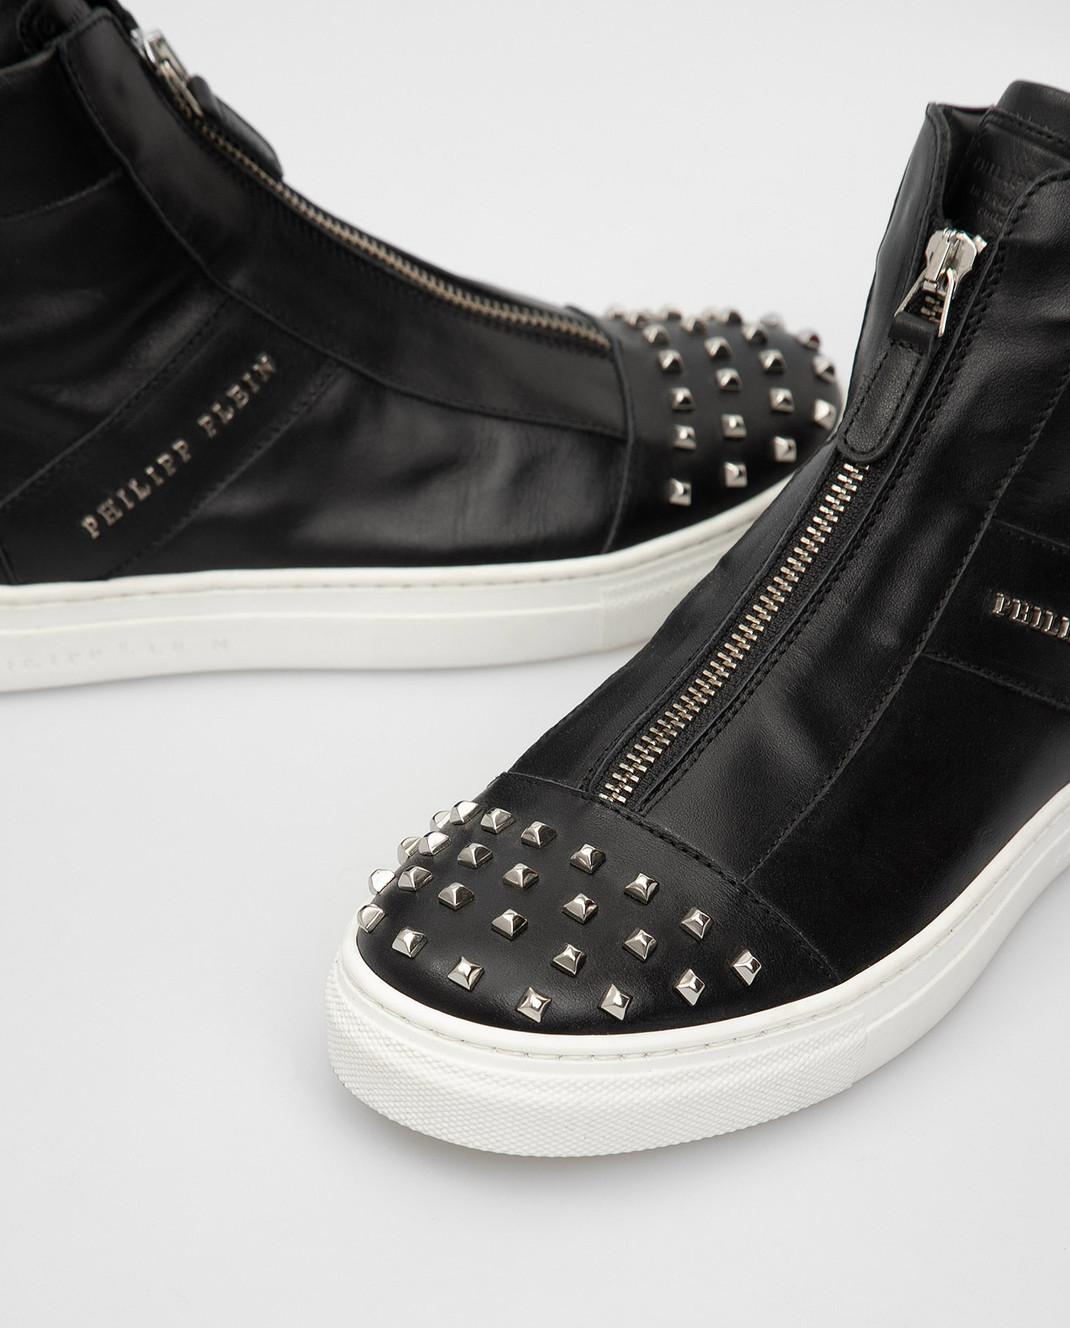 Philipp Plein Детские черные кожаные ботинки BSC0051 изображение 4